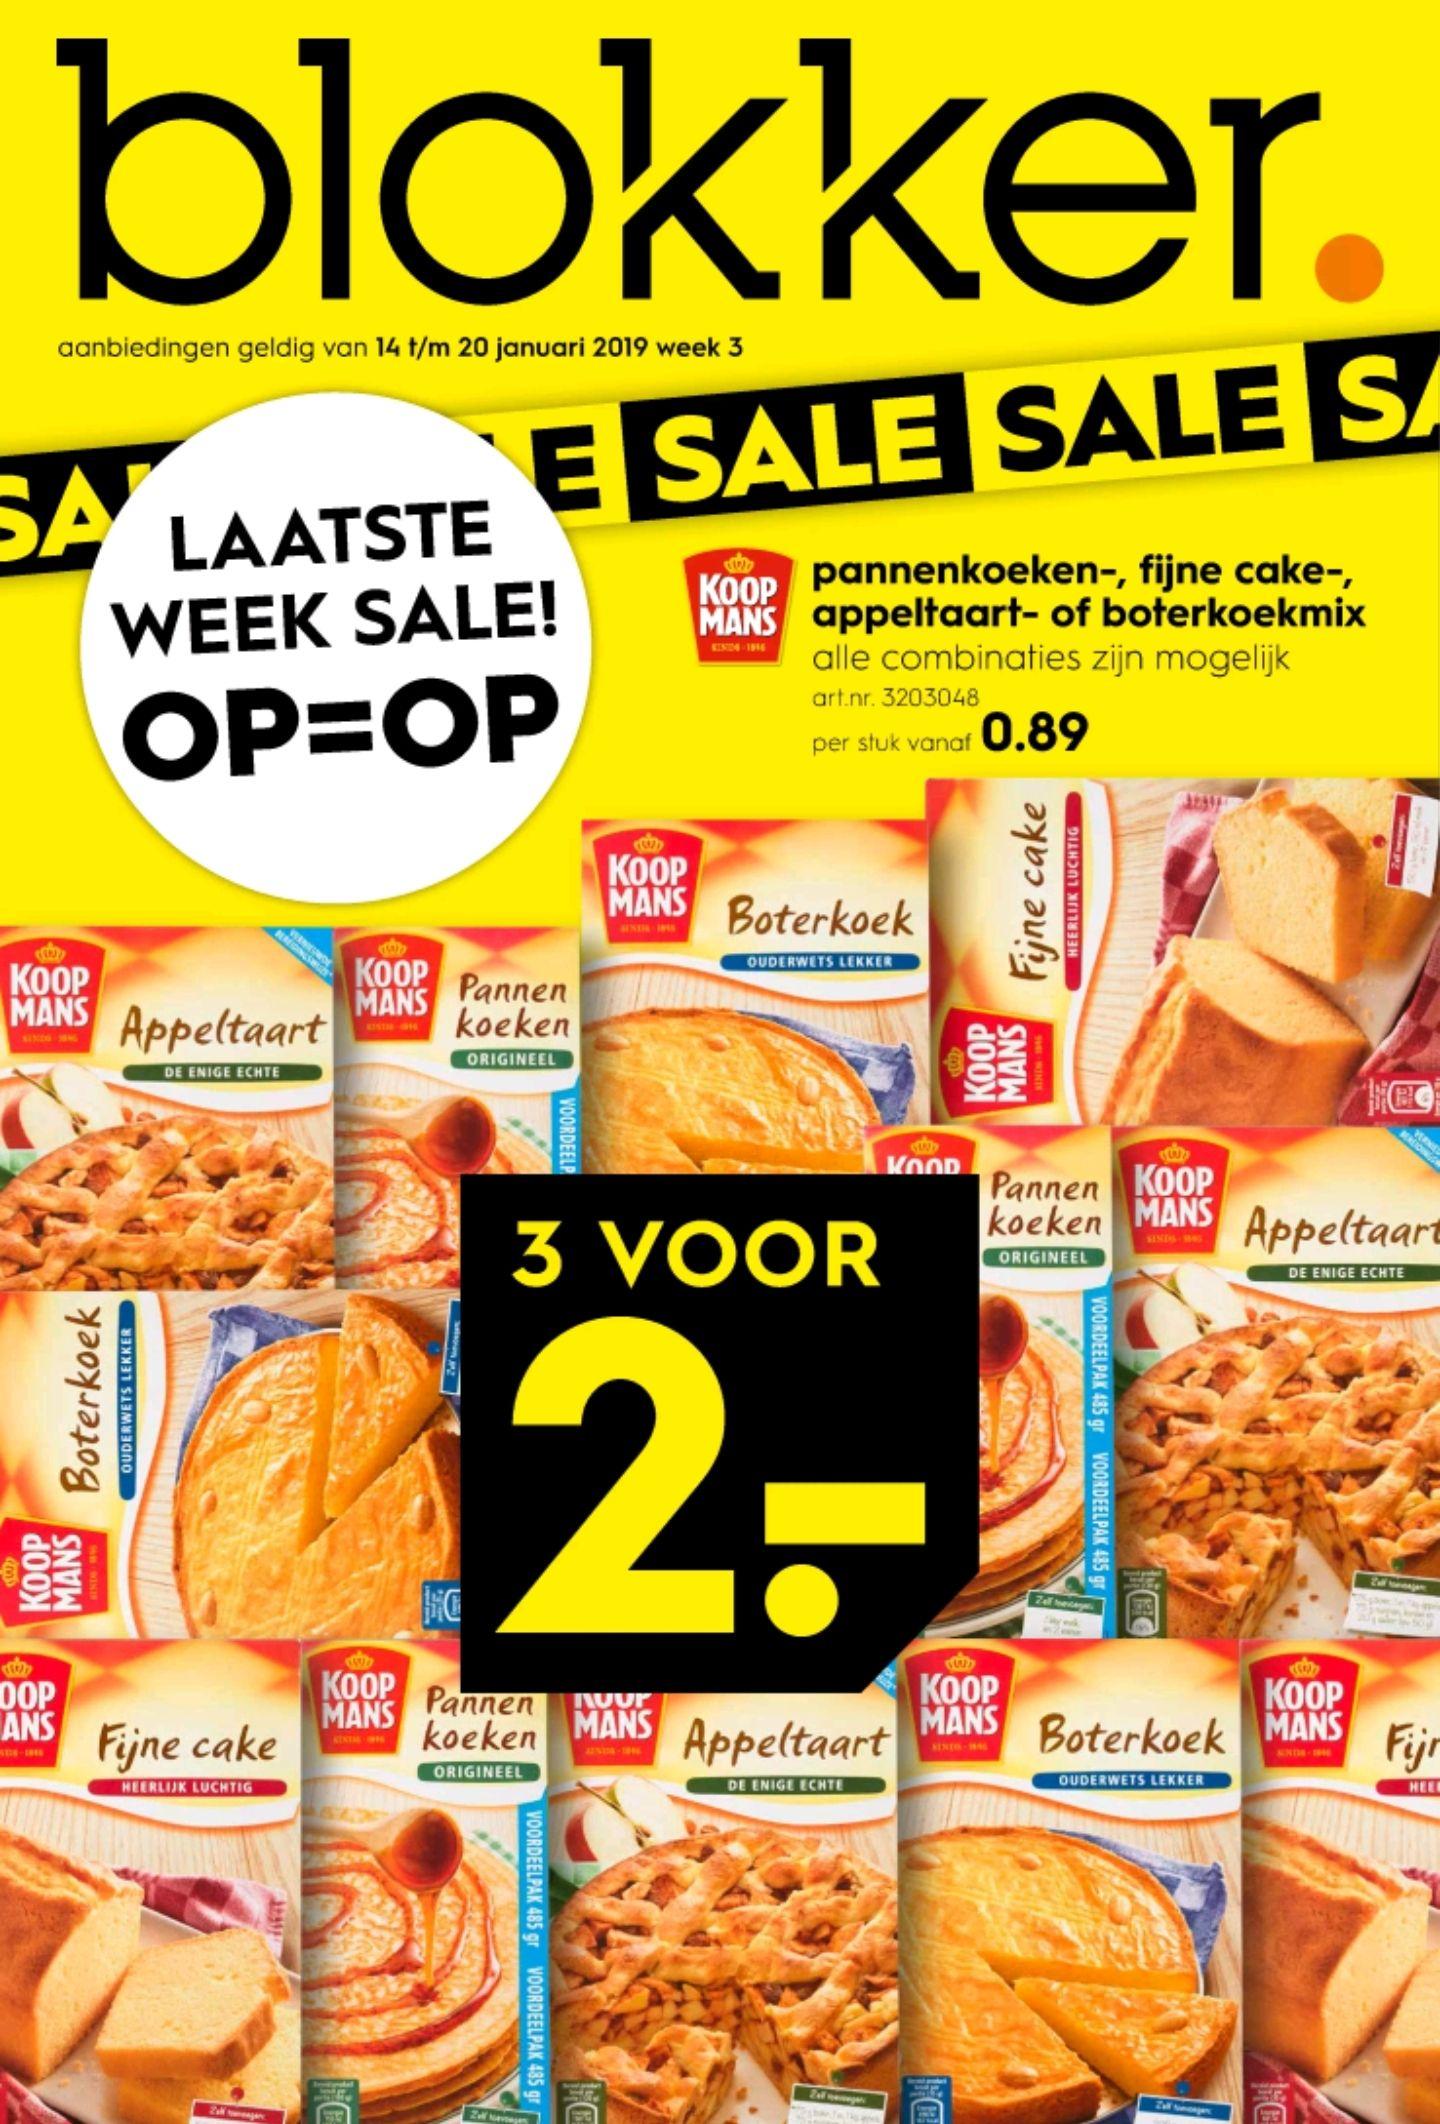 Alle Koopmans 3 voor 2 euro bij Blokker